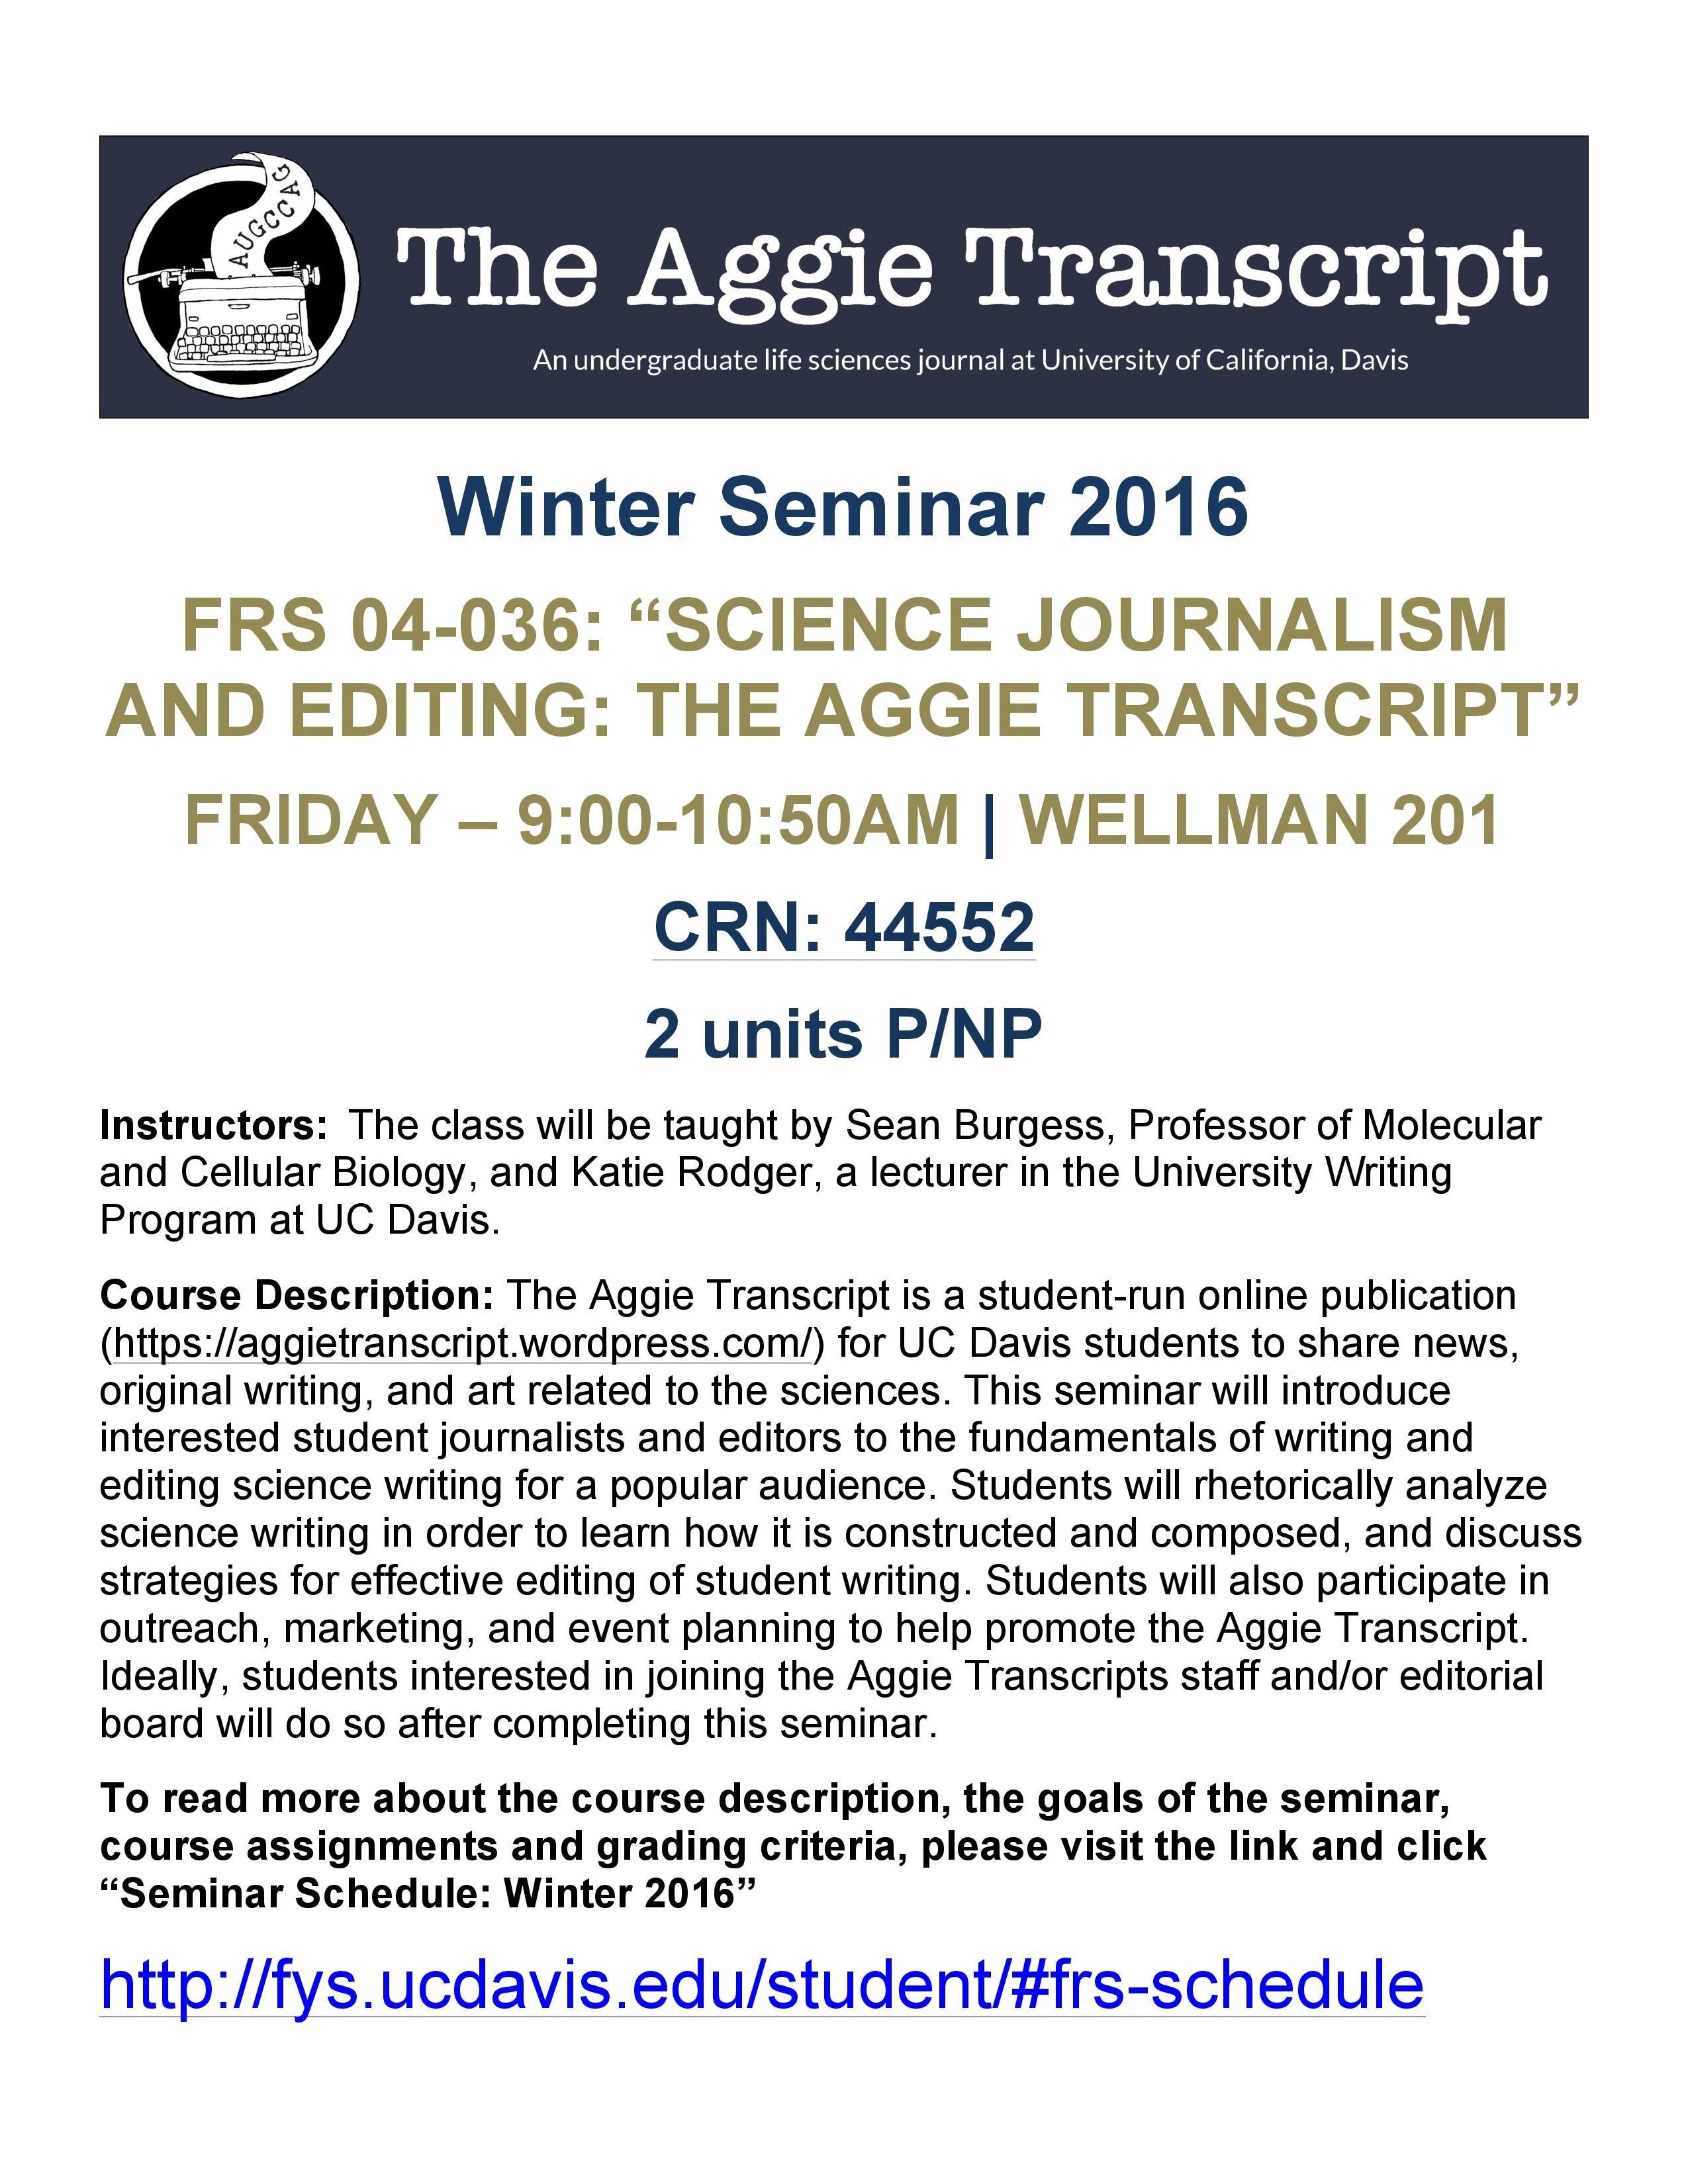 Winter Seminar 2016 Flyer-page-001(1)